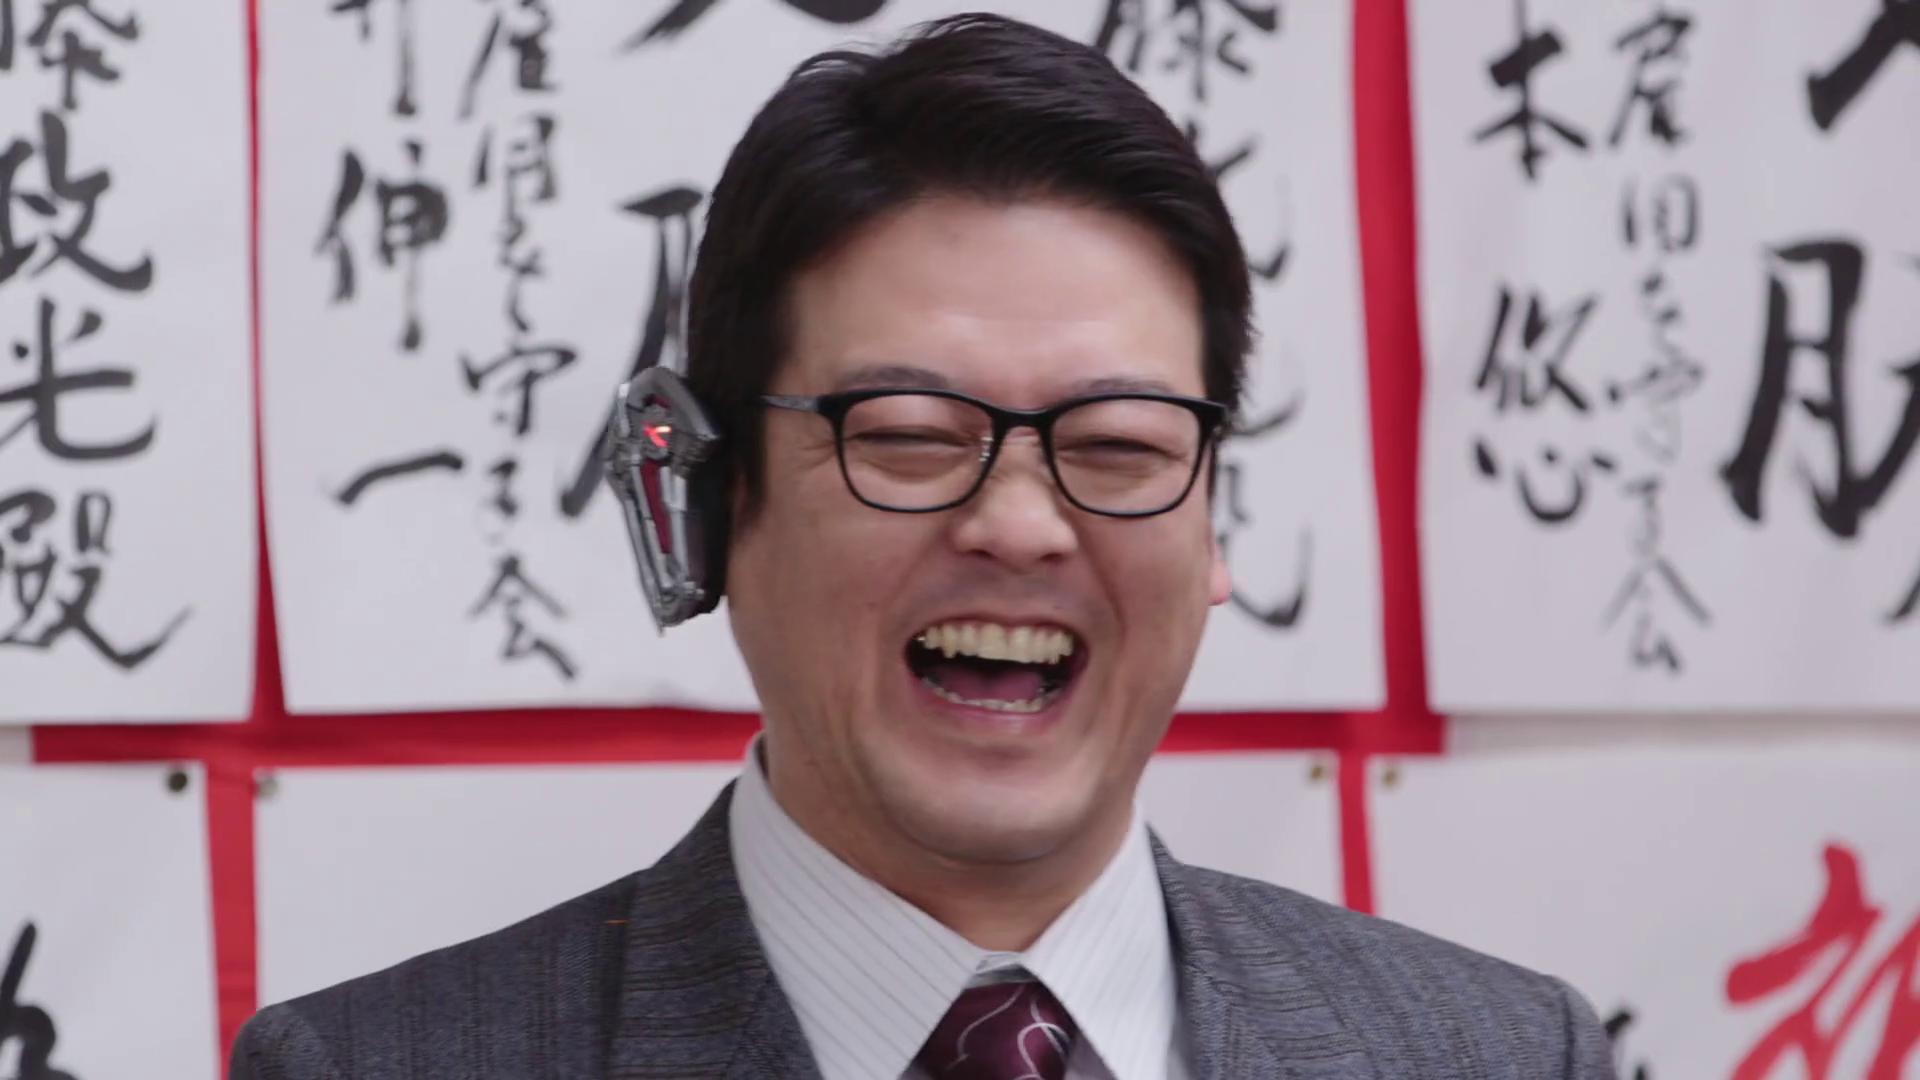 Masamitsu Yuto